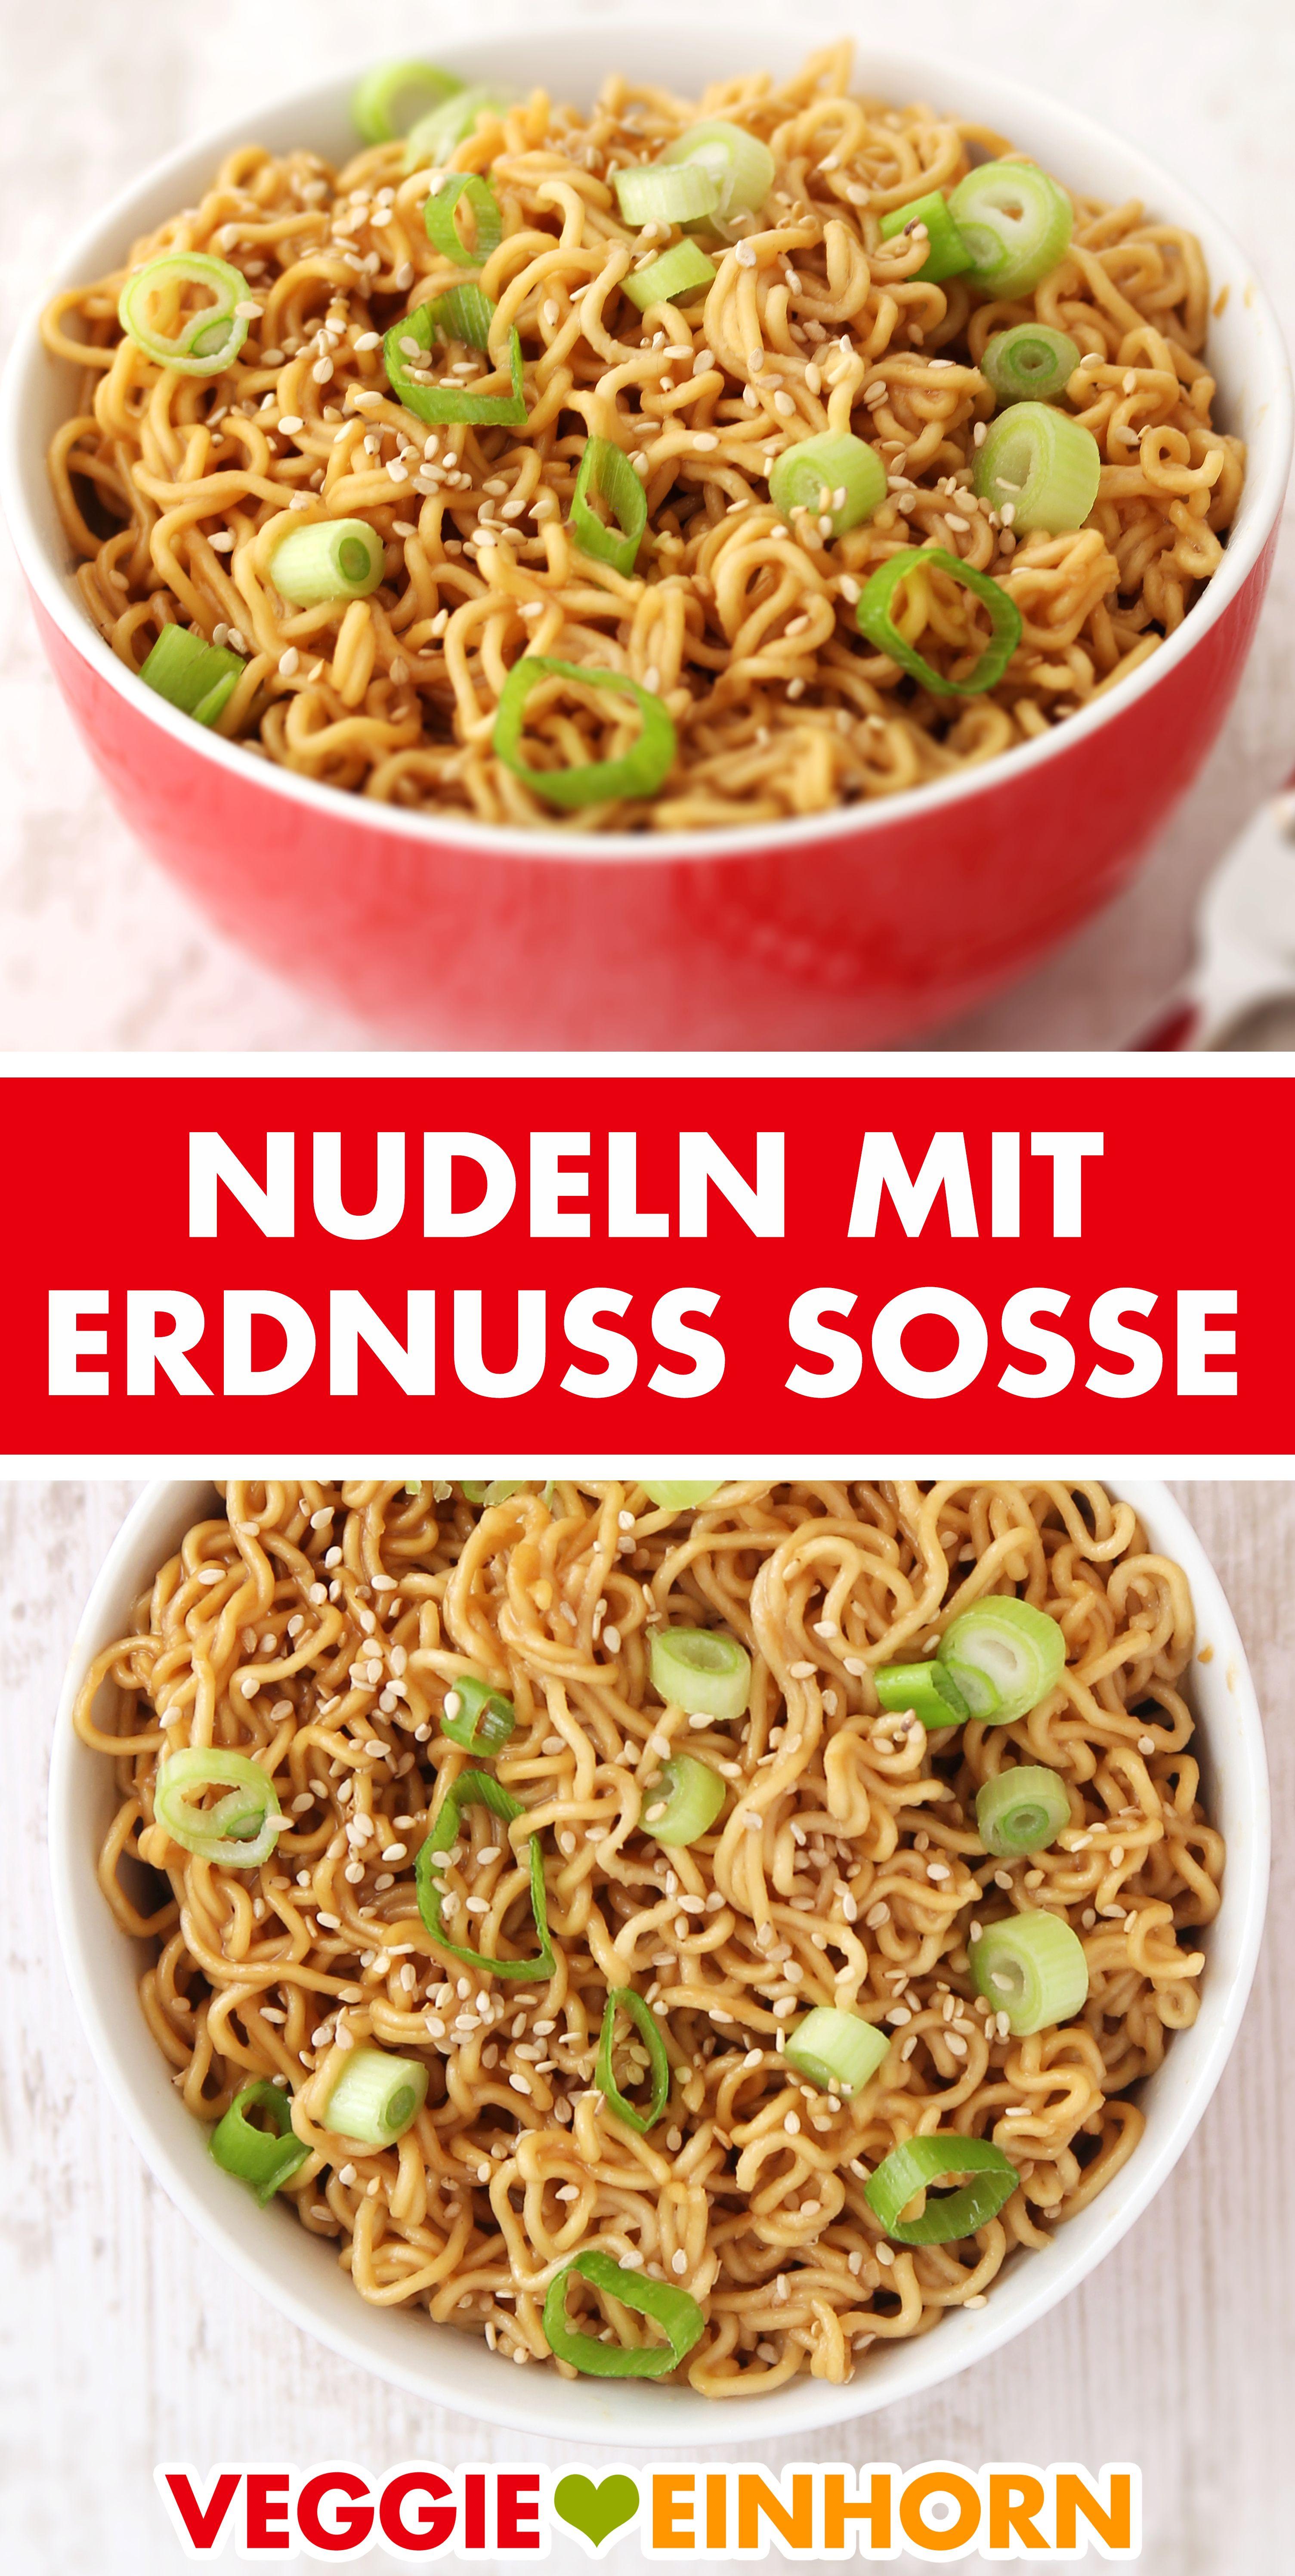 Einfache asiatische Nudeln mit Erdnuss Soße selber machen Schnell fertig in 15 Minuten!